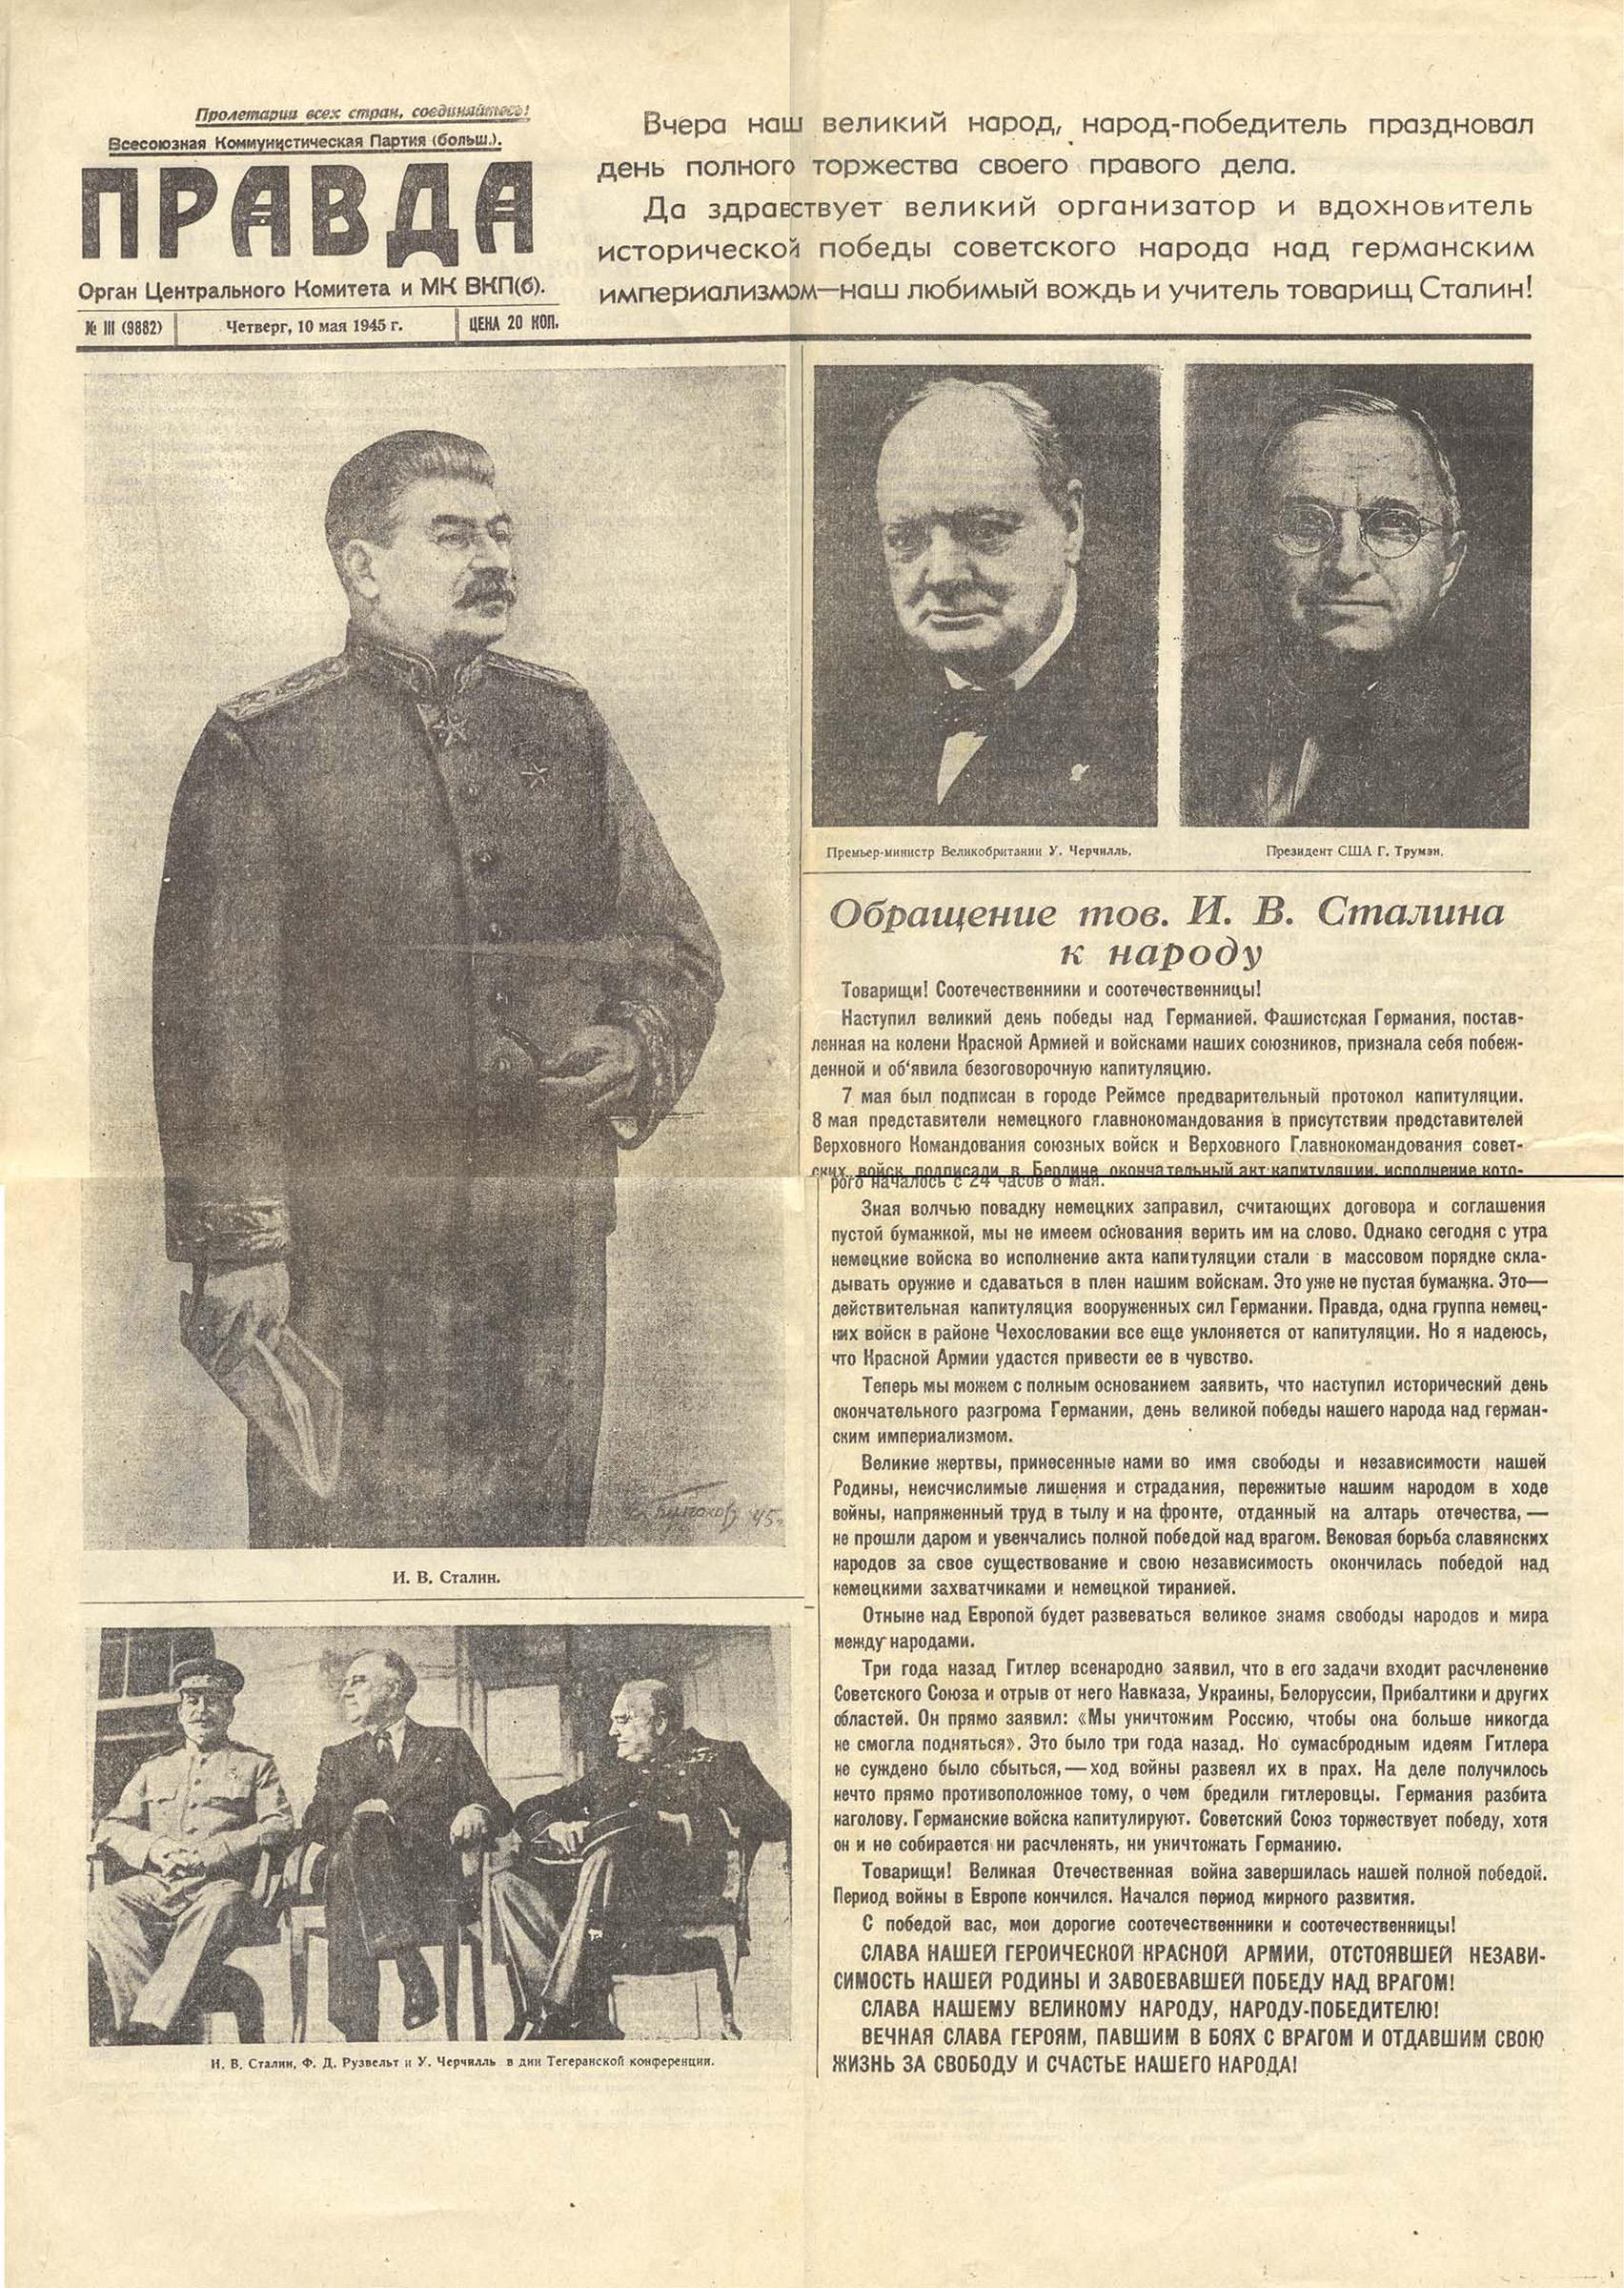 Газета правда 10 мая 1945 значки динамо